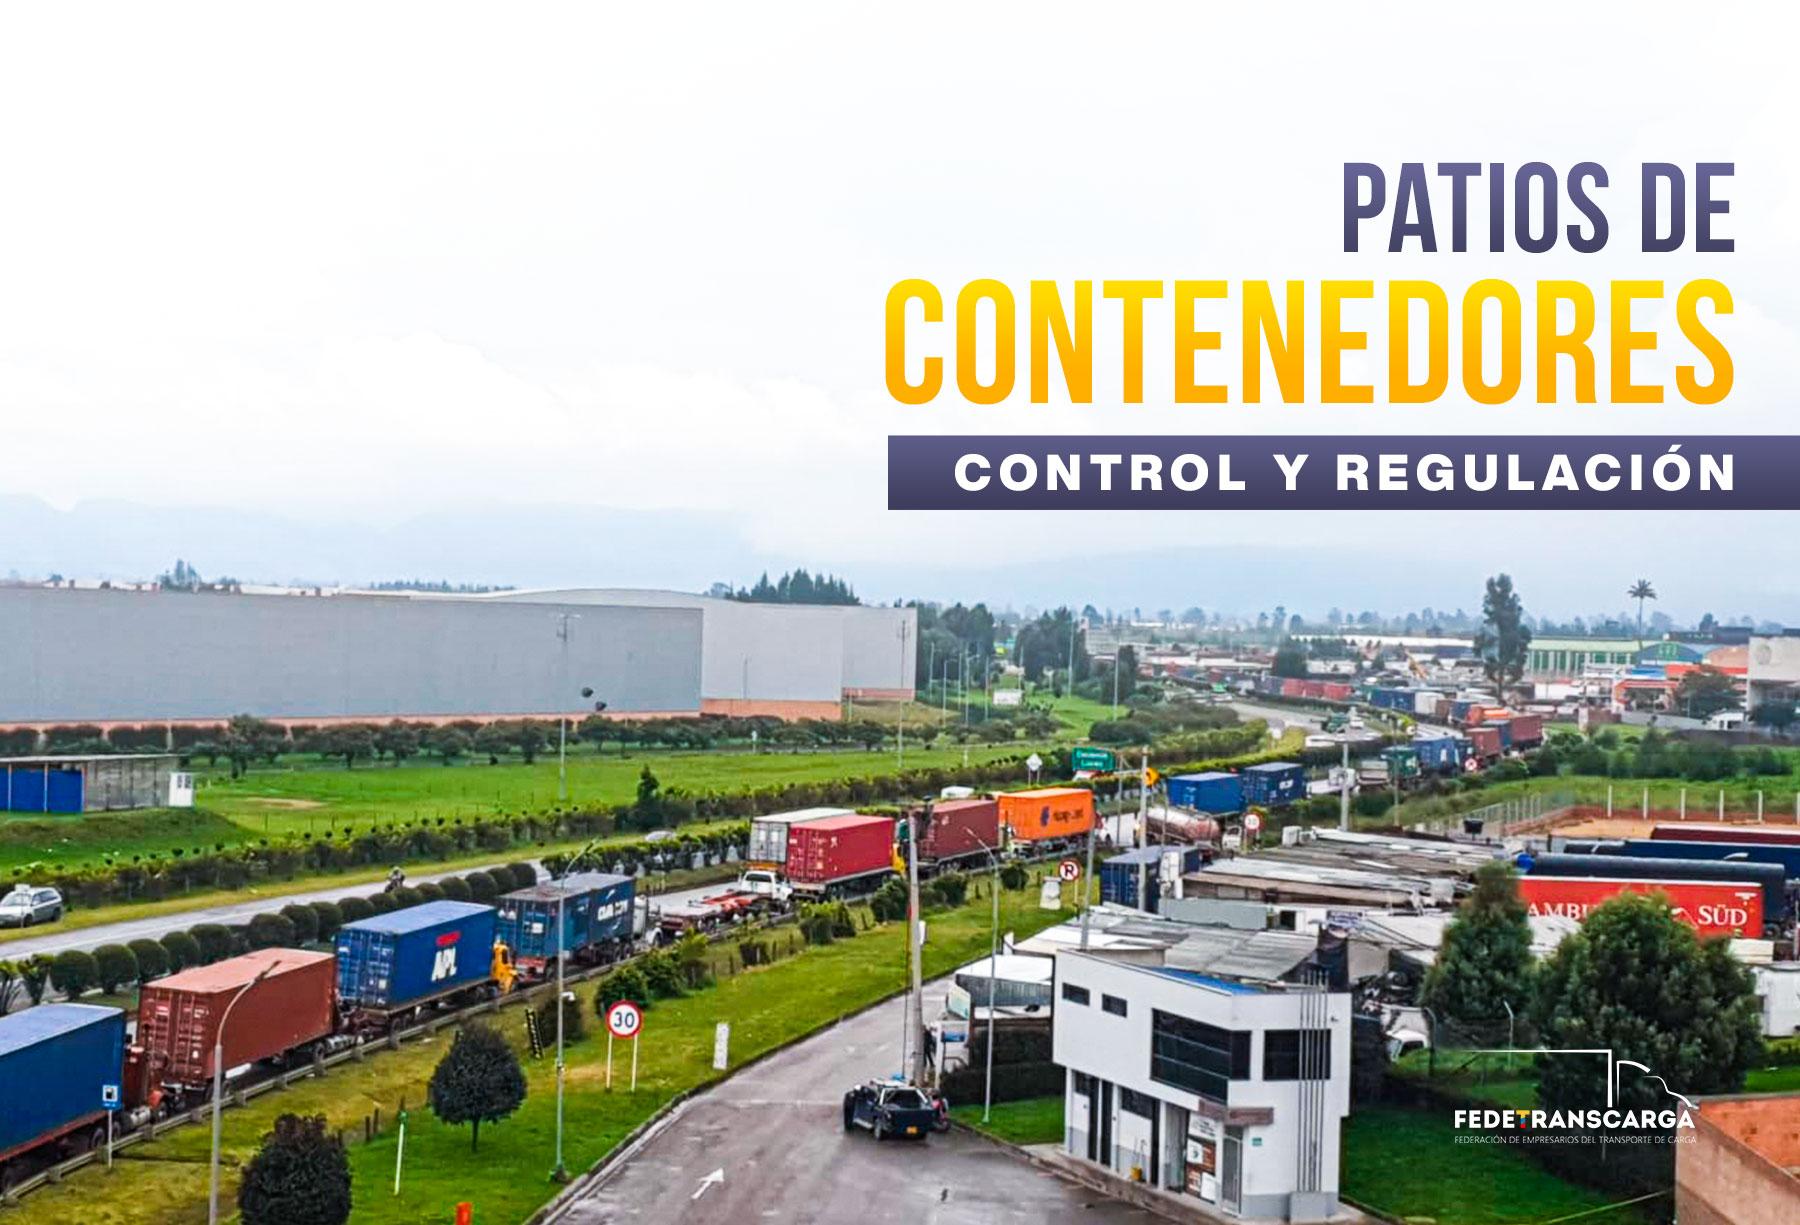 Patios de contenedores: control y regulación